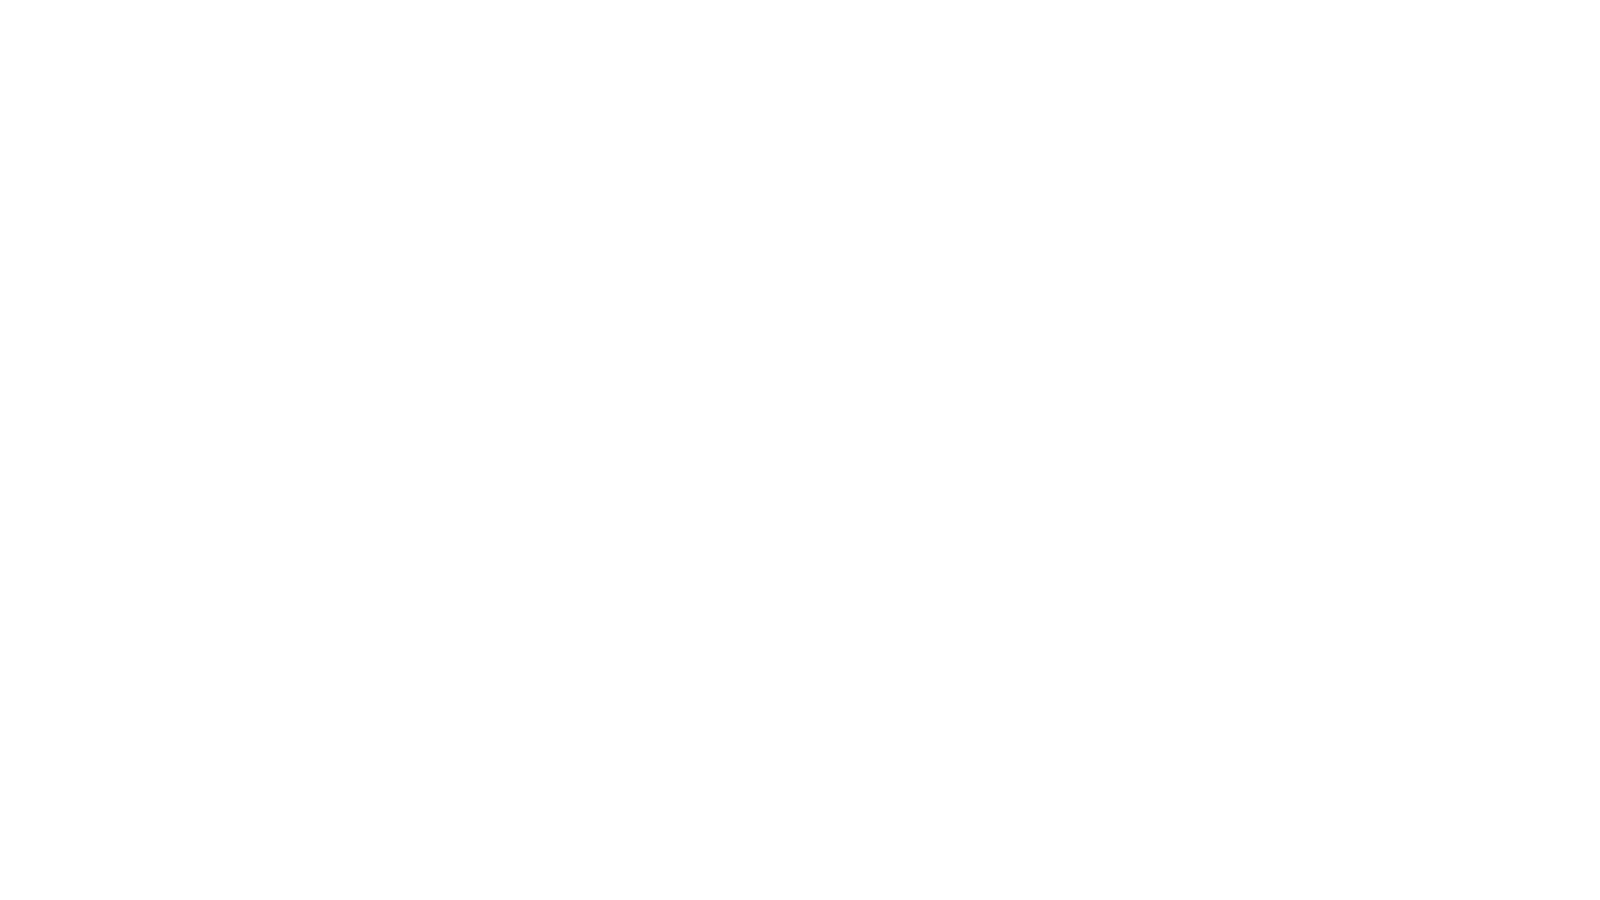 Lasse Wierup är en av Sveriges främsta journalister och författare. Han har arbetat med kriminaljournalistik på Dagens Nyheter sedan 2003 och började karriären på Expressen 1993. Lasse har skrivit flertalet böcker om svensk kriminalitet och är aktuell med senaste boken Gangsterparadiset.  Lasse skrev sin första bok, Svensk Maffia, år 2007 tillsammans med medförfattaren Matti Larsson. Svensk Maffia var en kartläggning av dåtidens kriminella gäng. Främst MC-gängen. Idag befinner sig Sverige i ett läge som har förvärrats på många sätt. Och är mycket mer komplex. Därför har Lasse skrivit Gangsterparadiset som beskriver dagens kriminella gäng, de utmaningar vi står inför och vilka lösningsförslag som finns på bordet.  Kriminalveteranen Lasse Wierup gästar loungen för att prata om senaste boken och gör en kartläggning av hela den svenska kriminella kartan. Han beskriver de olika grupperingarna, vad som skiljer dem åt, hur vi har hamnat här och om någon såg detta komma? Lasse drar också paralleller med andra länder i liknande lägen, berättar varför Polisen behöver tyngre verktyg, vad politiker behöver göra och 2021 skiljer sig från 90-talet.  Ett av de mest matnyttiga samtalen jag har haft i loungen med den skicklige och skarpa journalisten och författaren, Lasse Wierup.  Sprid gärna avsnittet till alla ni tycker bör lyssna!  Gillar du det vi gör? Bli Patreon och stötta LoungePodden med valfri summa: https://www.patreon.com/taimaz Mer info på https://www.loungepodden.se ❤️ Tack för ditt stöd! ❤️  Följ @loungepodden på alla sociala medier! YouTube: https://www.youtube.com/channel/UCLKiCeQSPOfRmhXA_1m9M2A Instagram: https://www.instagram.com/loungepodden  Linkedin: https://www.linkedin.com/company/loungepodden  Facebook: https://www.facebook.com/LoungePodden  Följ Taimaz Instagram: https://www.instagram.com/taimazghaffari/  Linkedin: https://se.linkedin.com/in/taimaz-ghaffari-22789b21   #gangsterparadiset #loungepodden #lassewierup